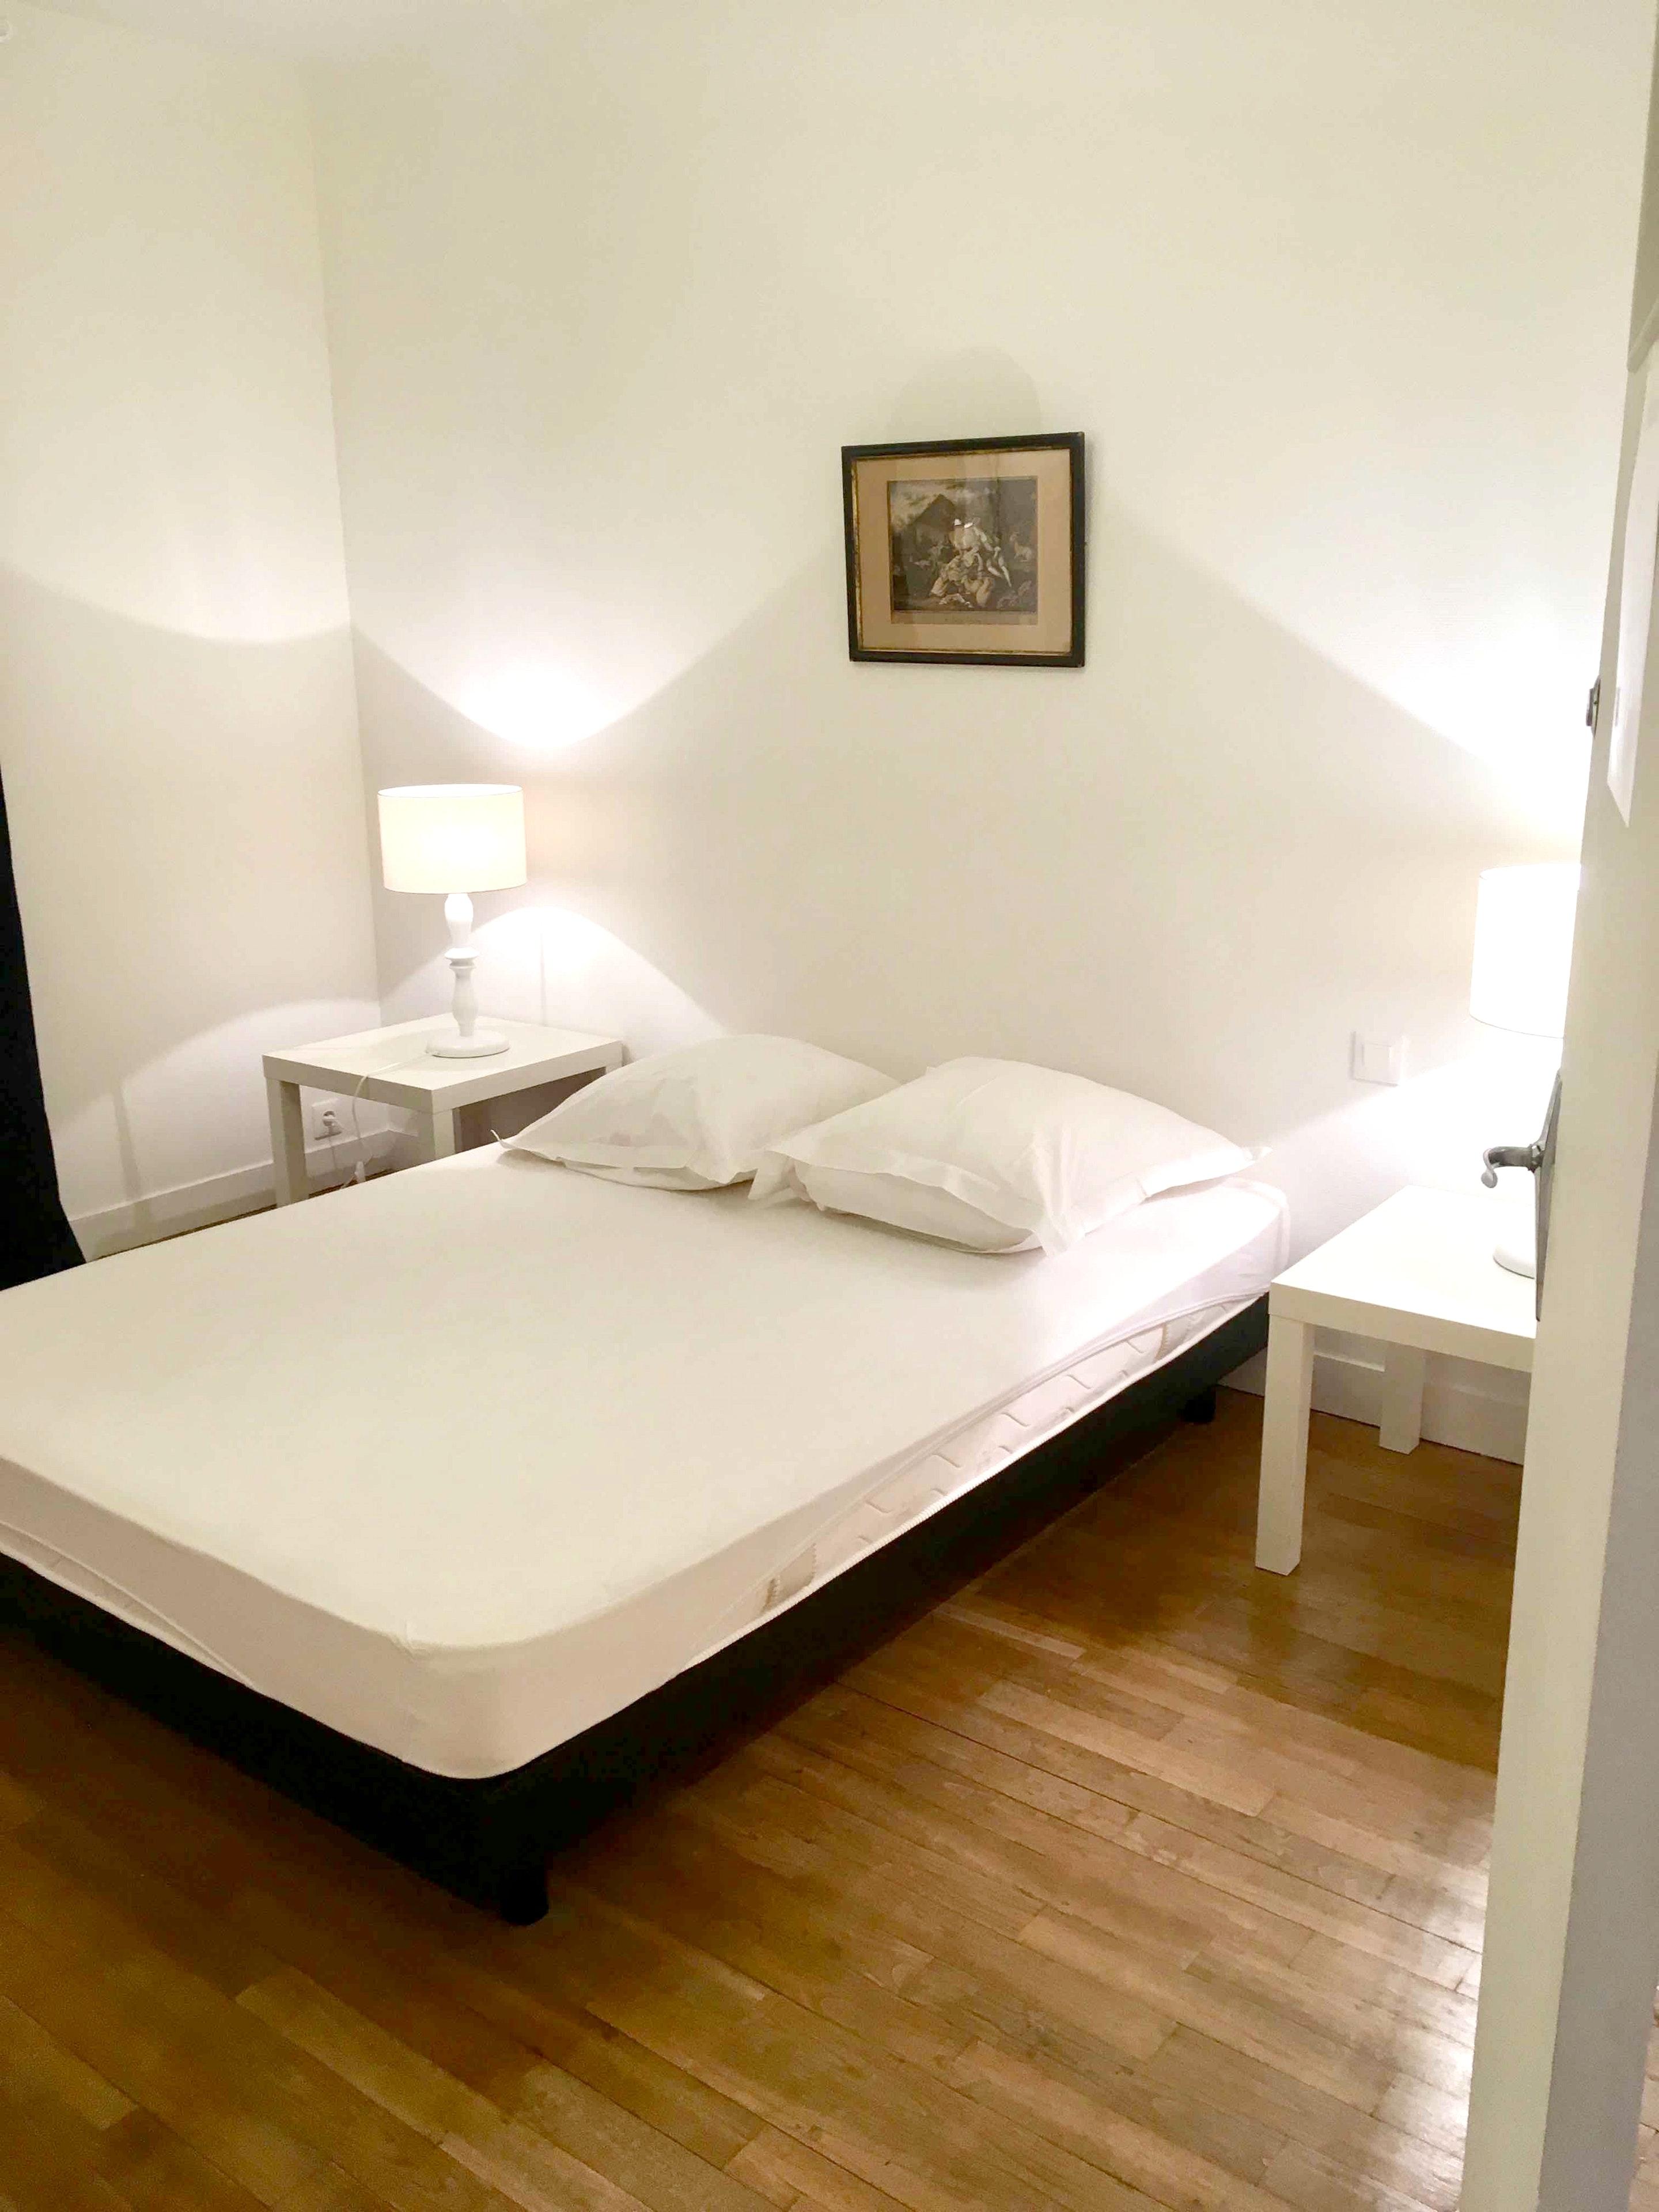 Ferienhaus Haus mit 6 Schlafzimmern in Carrouges mit eingezäuntem Garten und W-LAN - 95 km vom Strand (2572591), Carrouges, Orne, Normandie, Frankreich, Bild 4